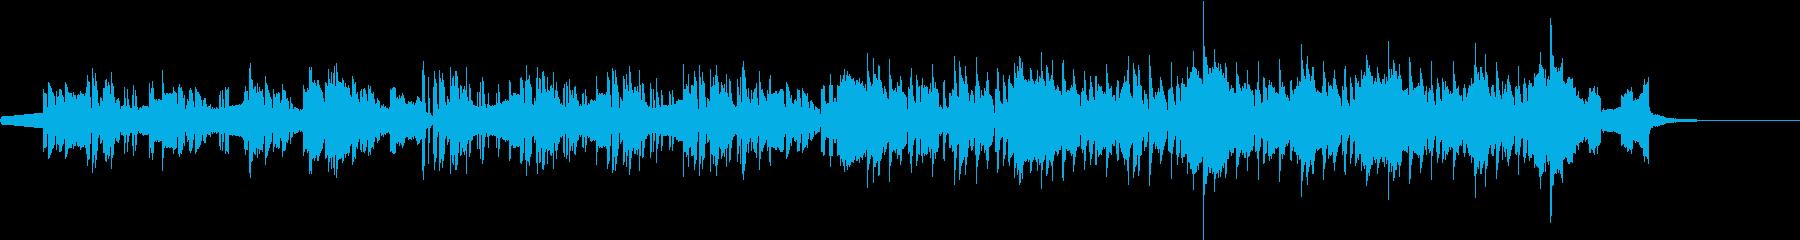 科学・サイエンス・知育の再生済みの波形